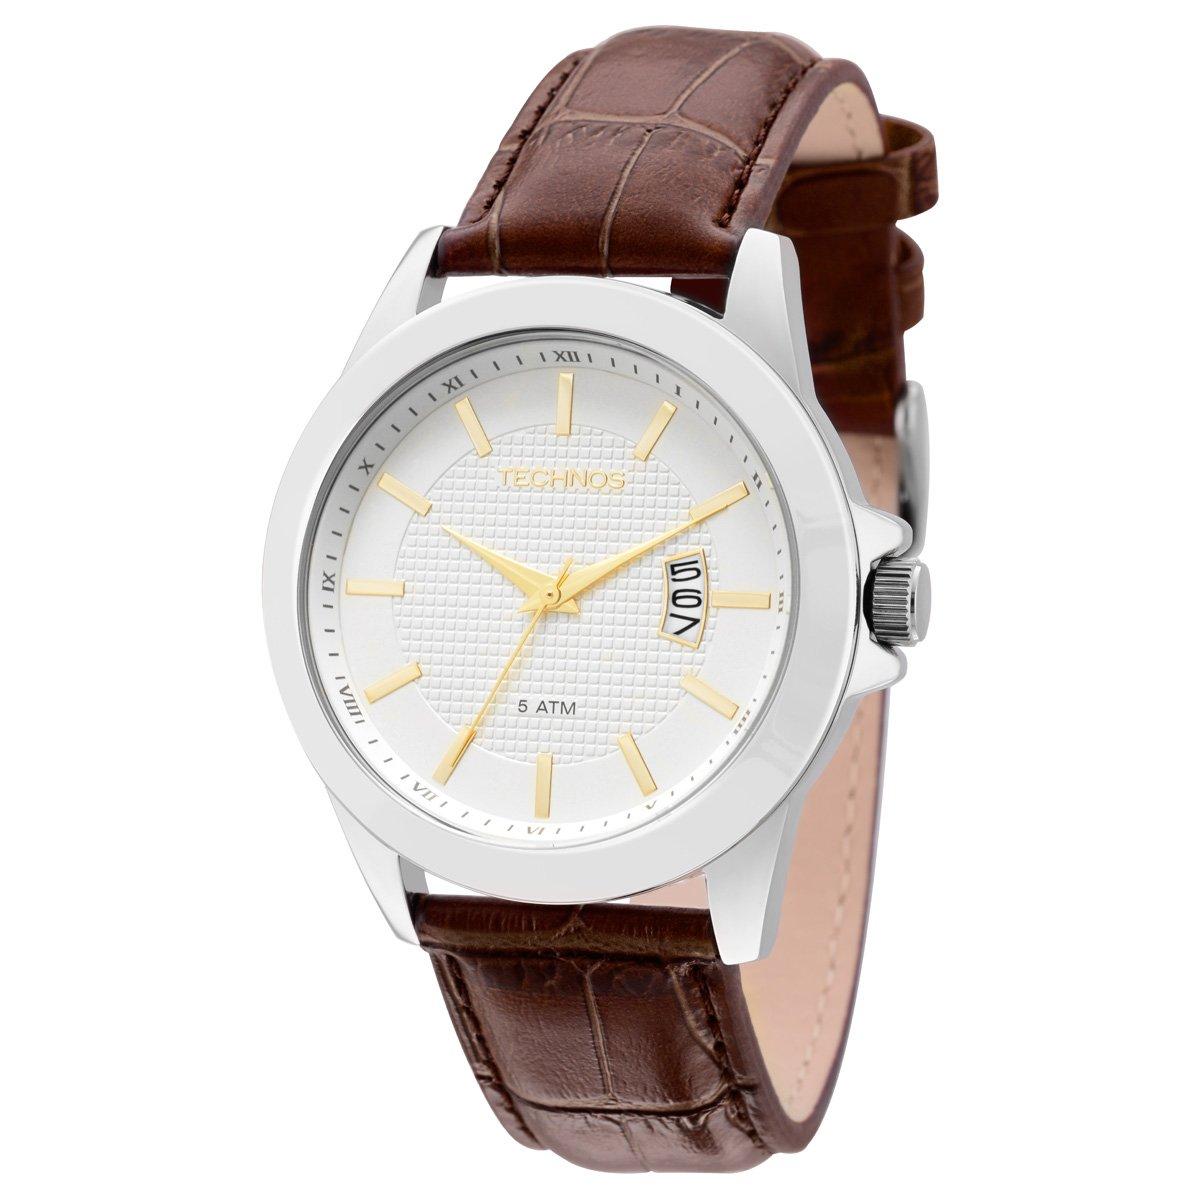 2ecb5587565 Relógio Technos Pulseira de Couro - Compre Agora